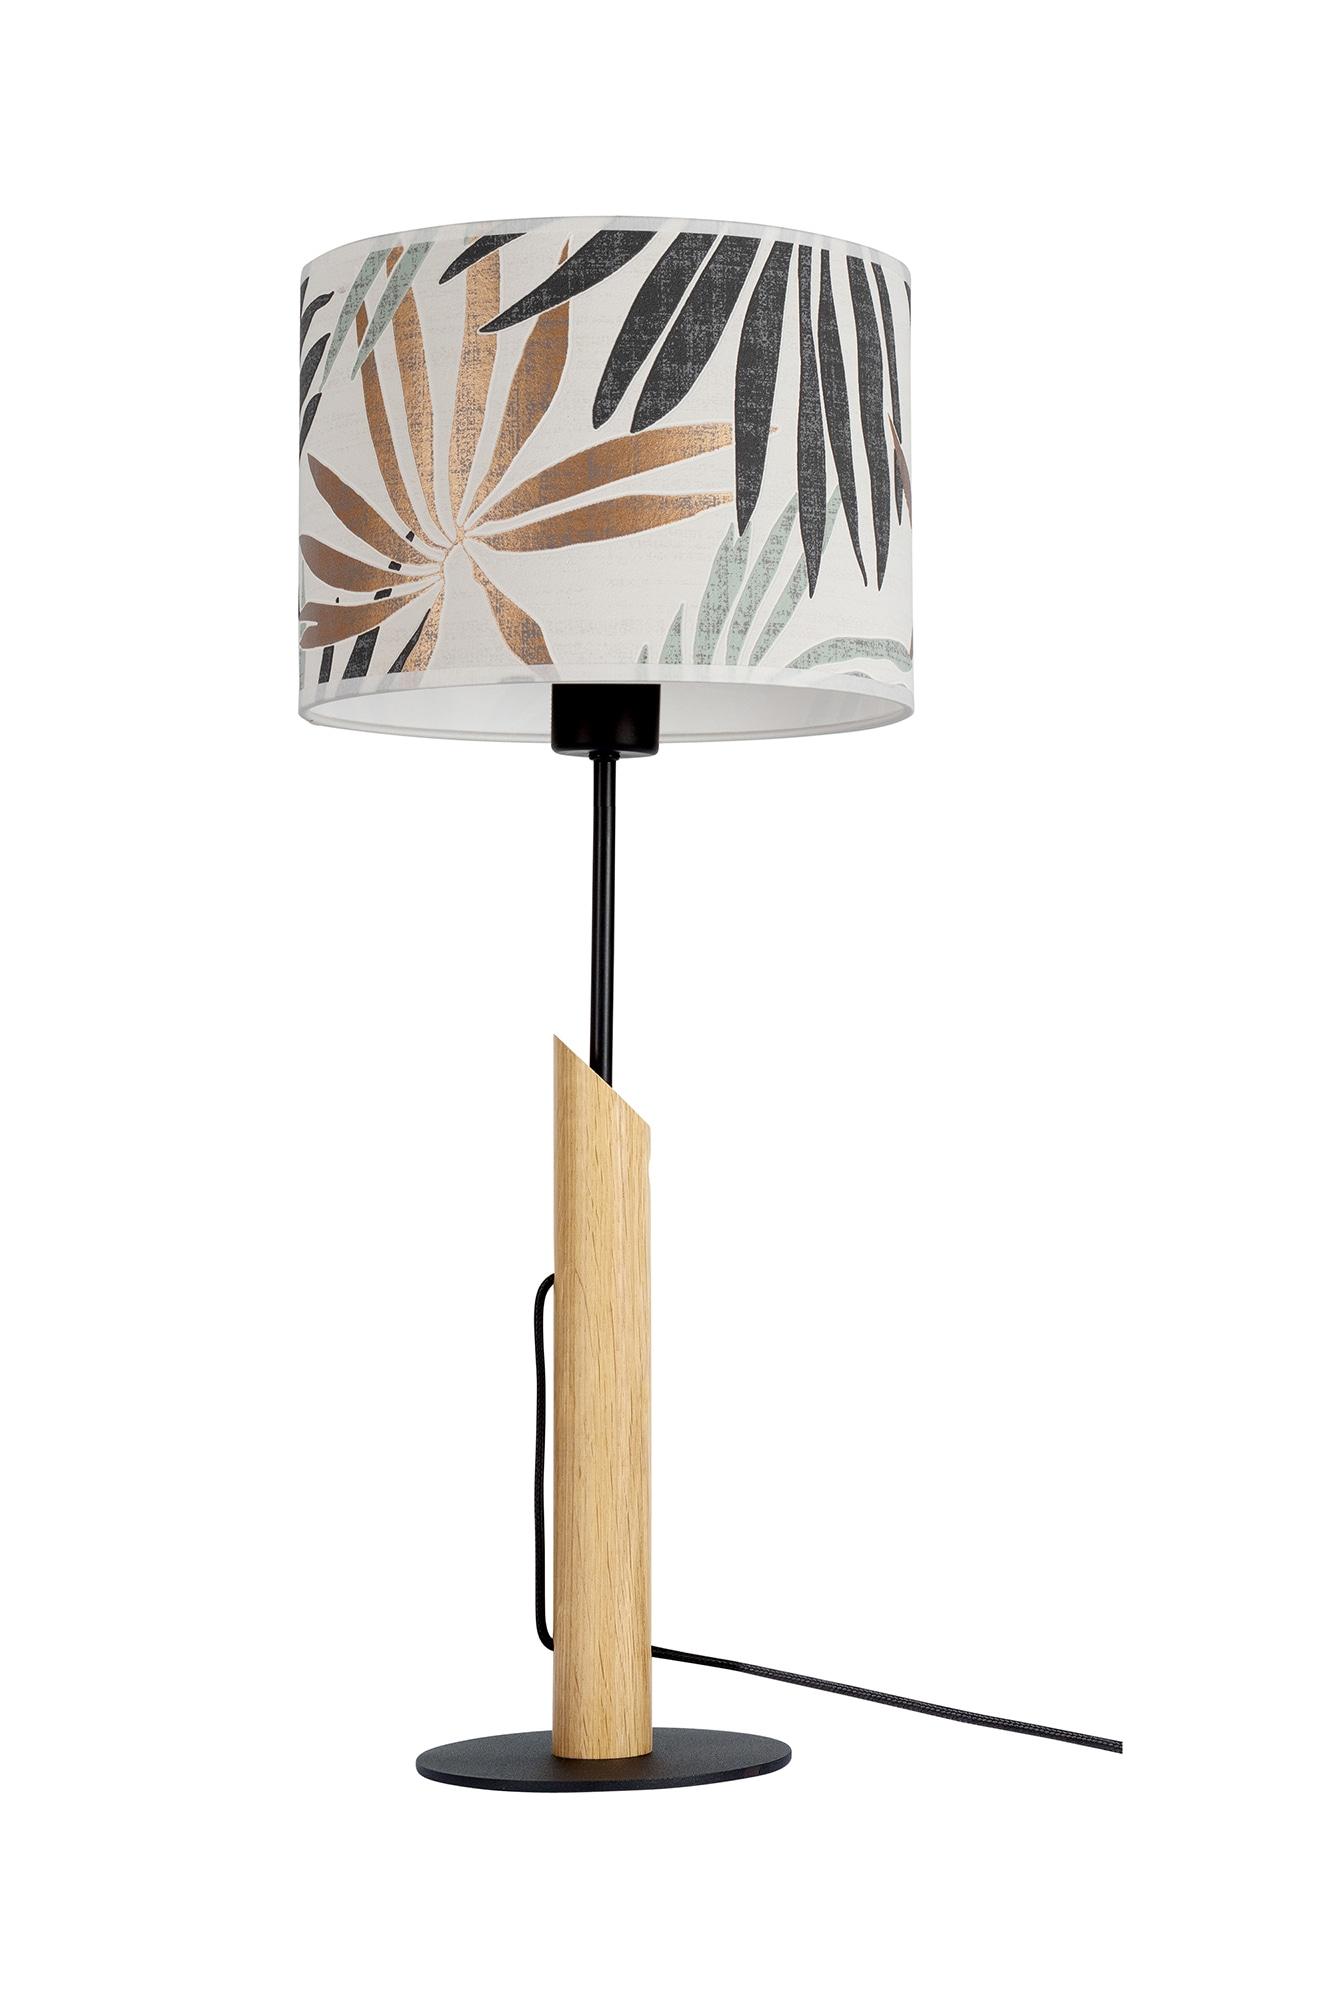 BRITOP LIGHTING Tischleuchte HOJA, E27, Aus Eichenholz mit FSC-Zertifikat, Schirm aus laminierter Tapete, passende LM E27 / exklusive, Made in Europe